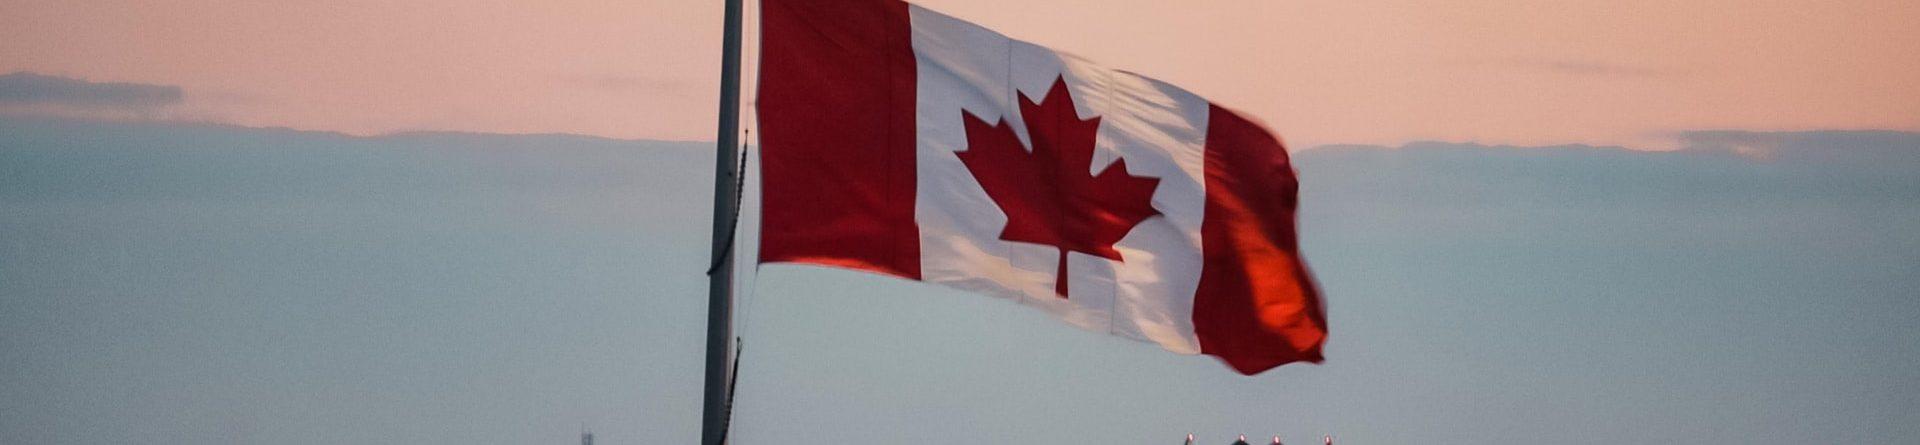 Переезд в Канаду через обучение